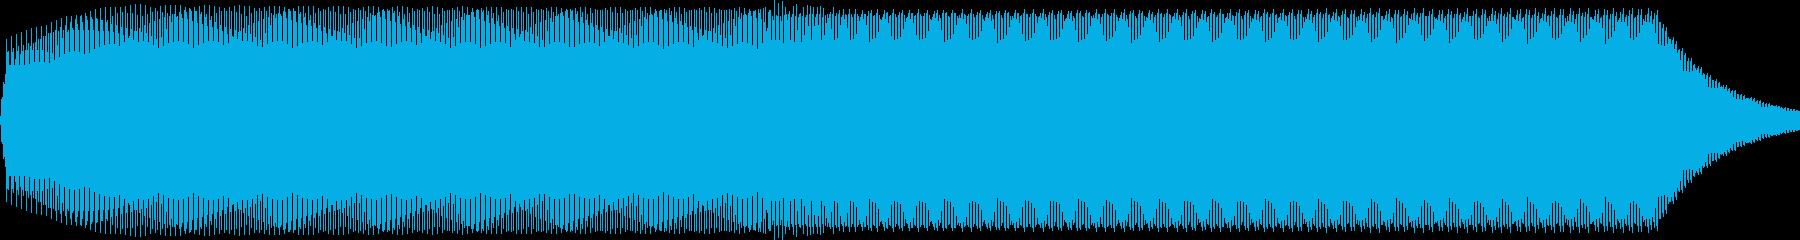 汎用ボタン6 ページ送り・セット等の再生済みの波形